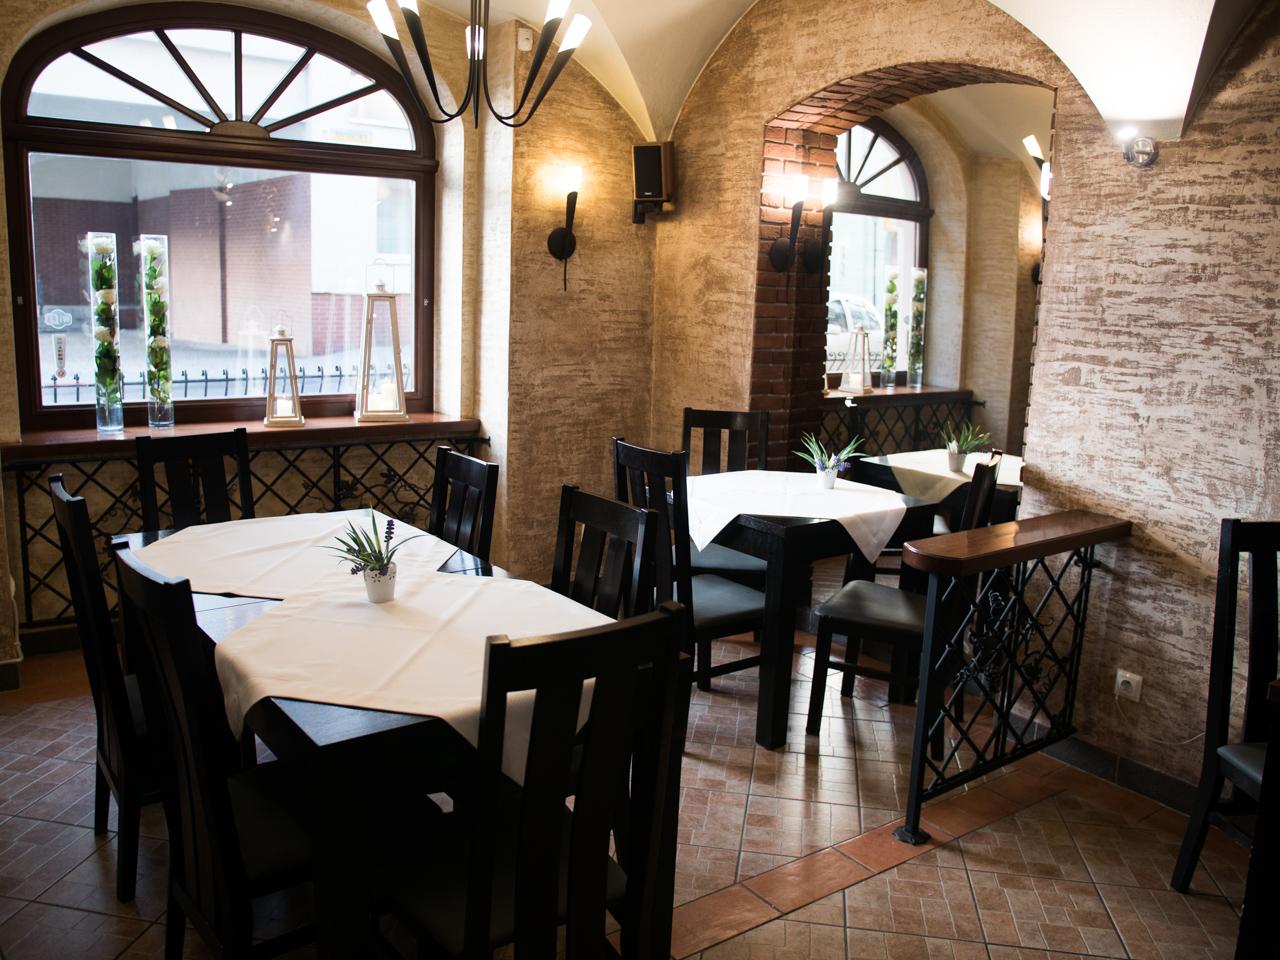 restauracja-pizzeria-coffee-street-gryfow-slaski-13